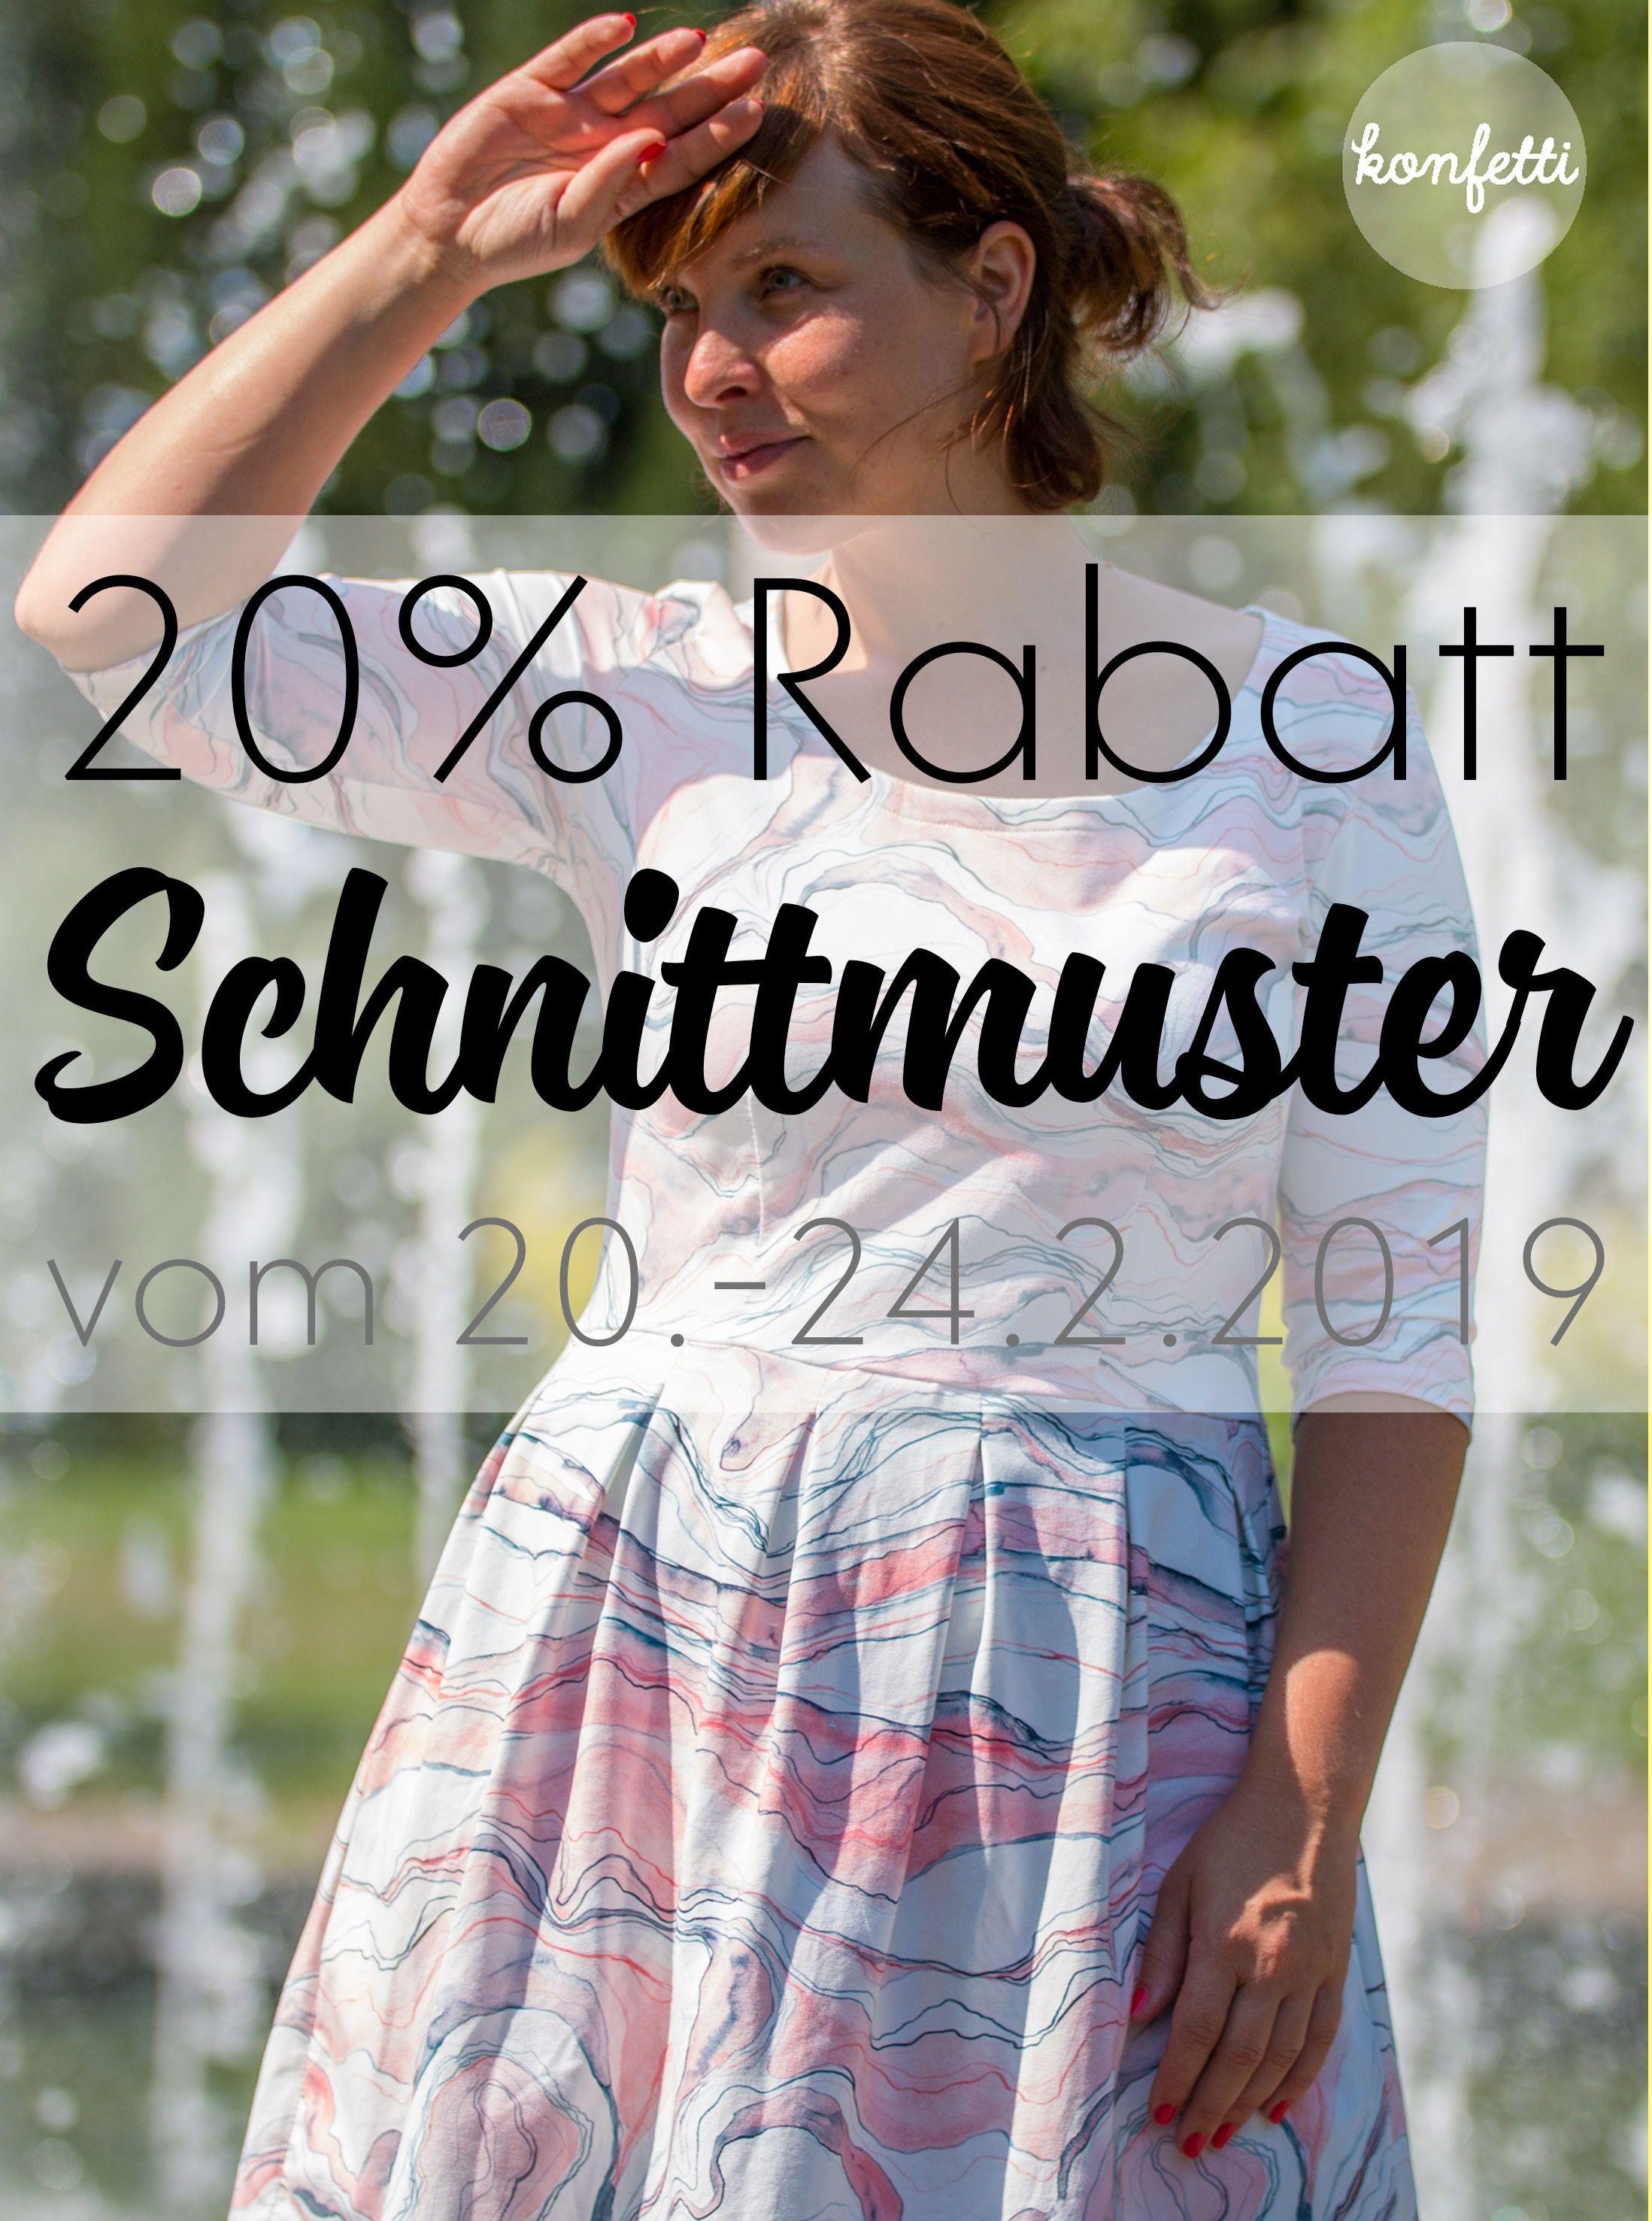 3e15971c01c Spare beim Kauf deiner Schnittmuster für den Frühling! Vom 20-24.2.2019 gibt